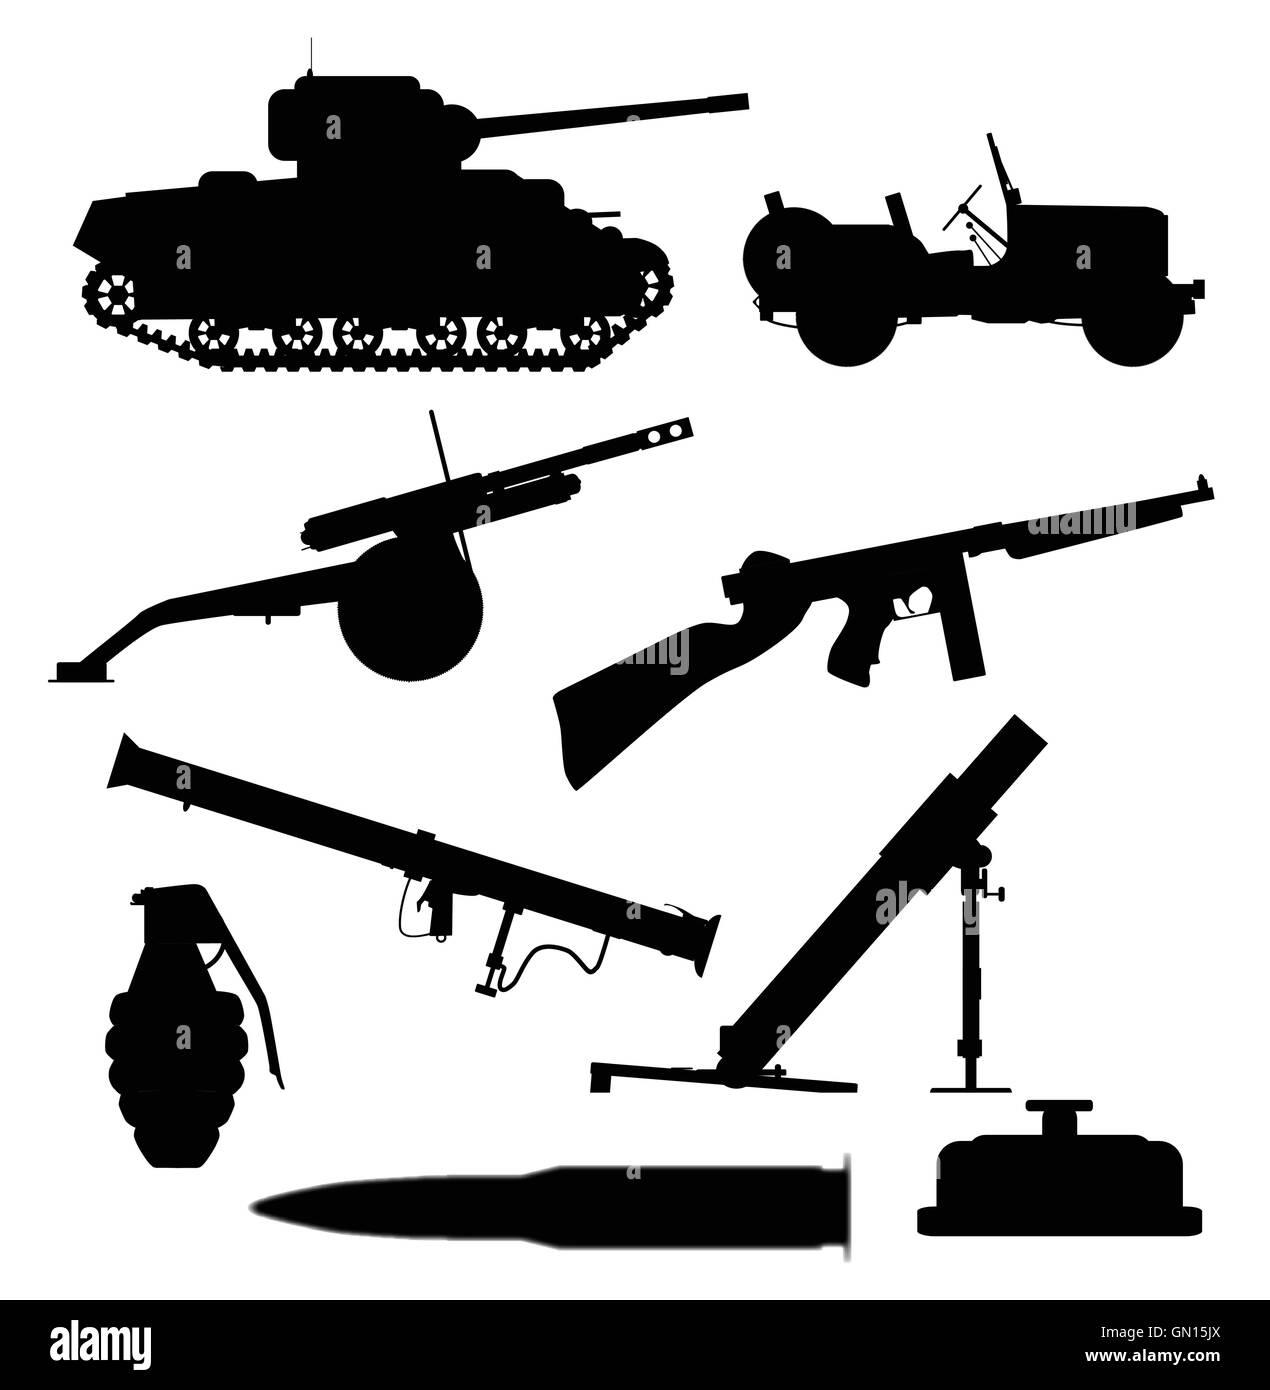 Weapons Of War - Stock Vector